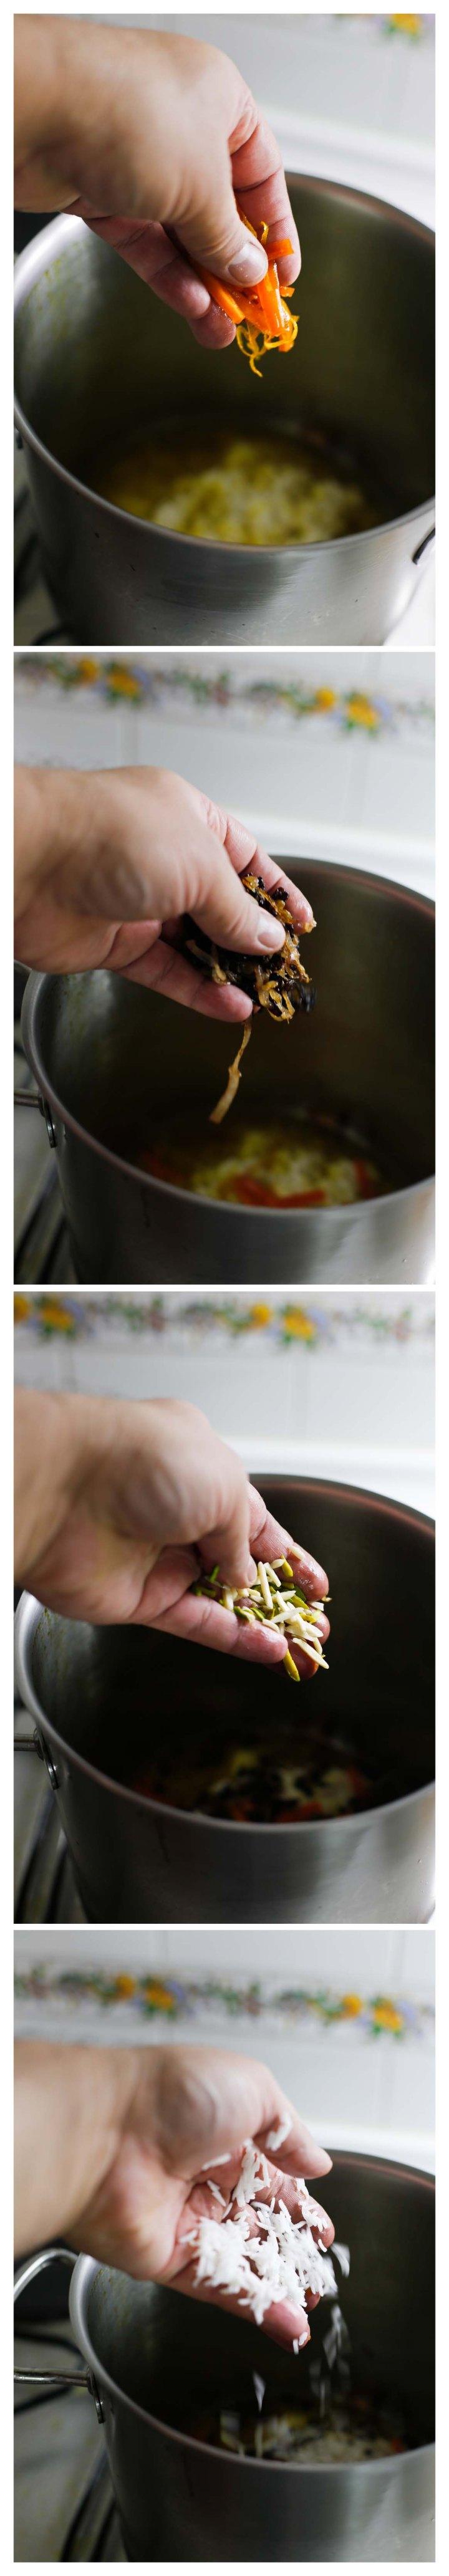 para-montar-arroz-2